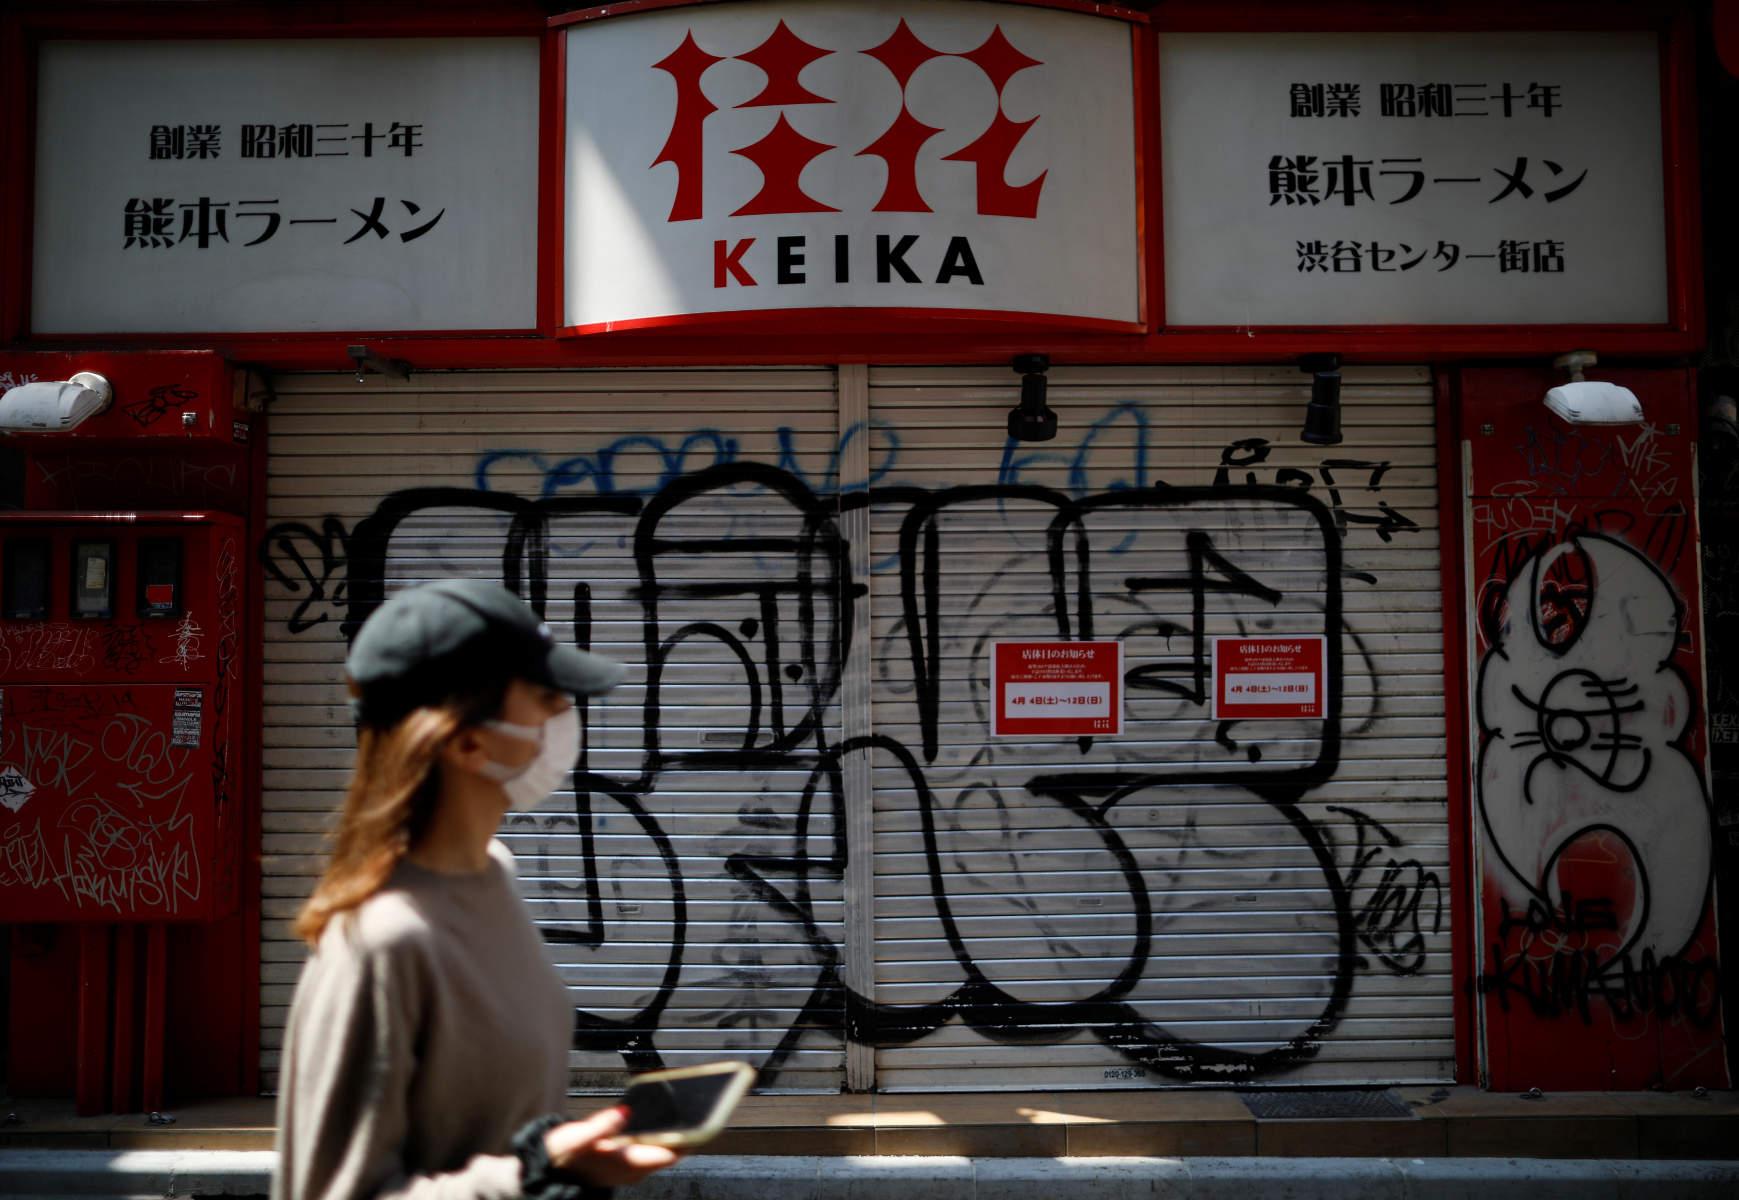 Ιαπωνία: Ελαττωματικές οι 300.000 προστατευτικές μάσκες που διανεμήθηκαν σε εγκύους